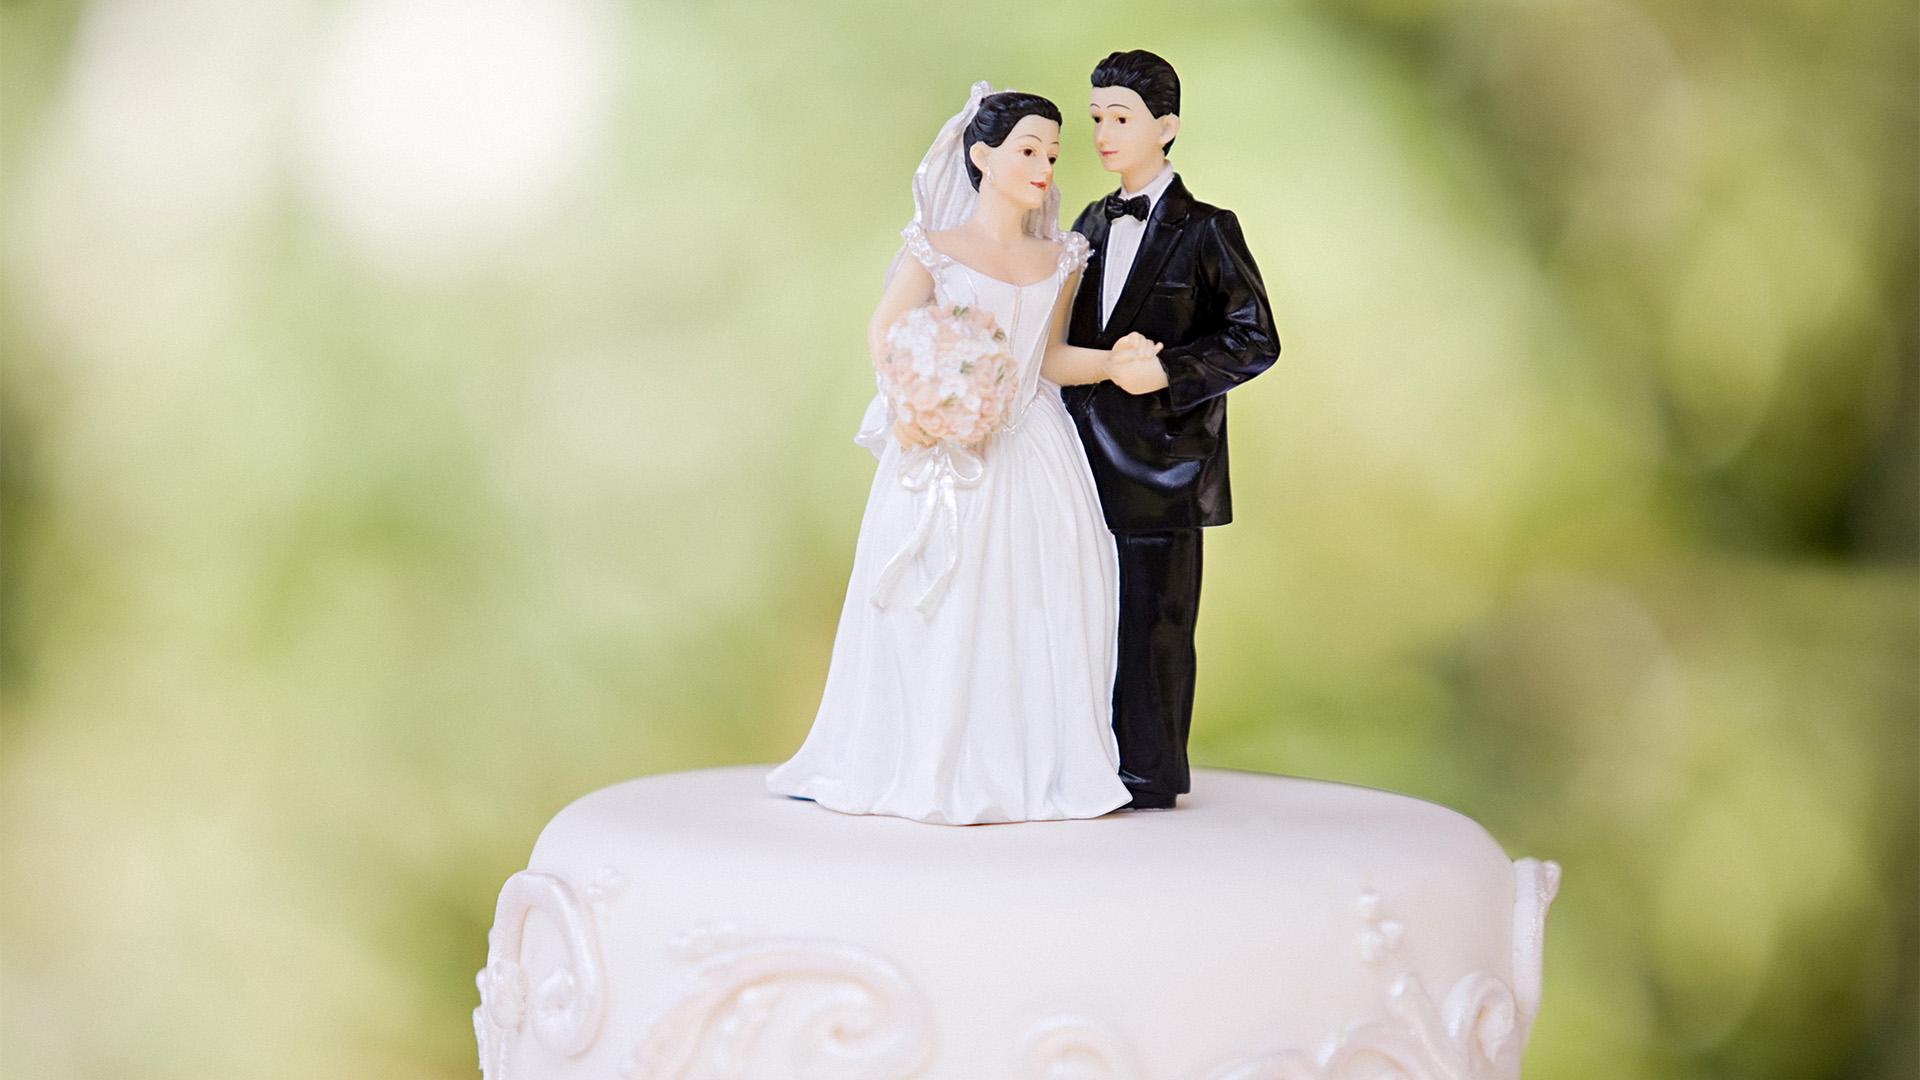 Így lehet egyedi esküvői cipőd fillérekből